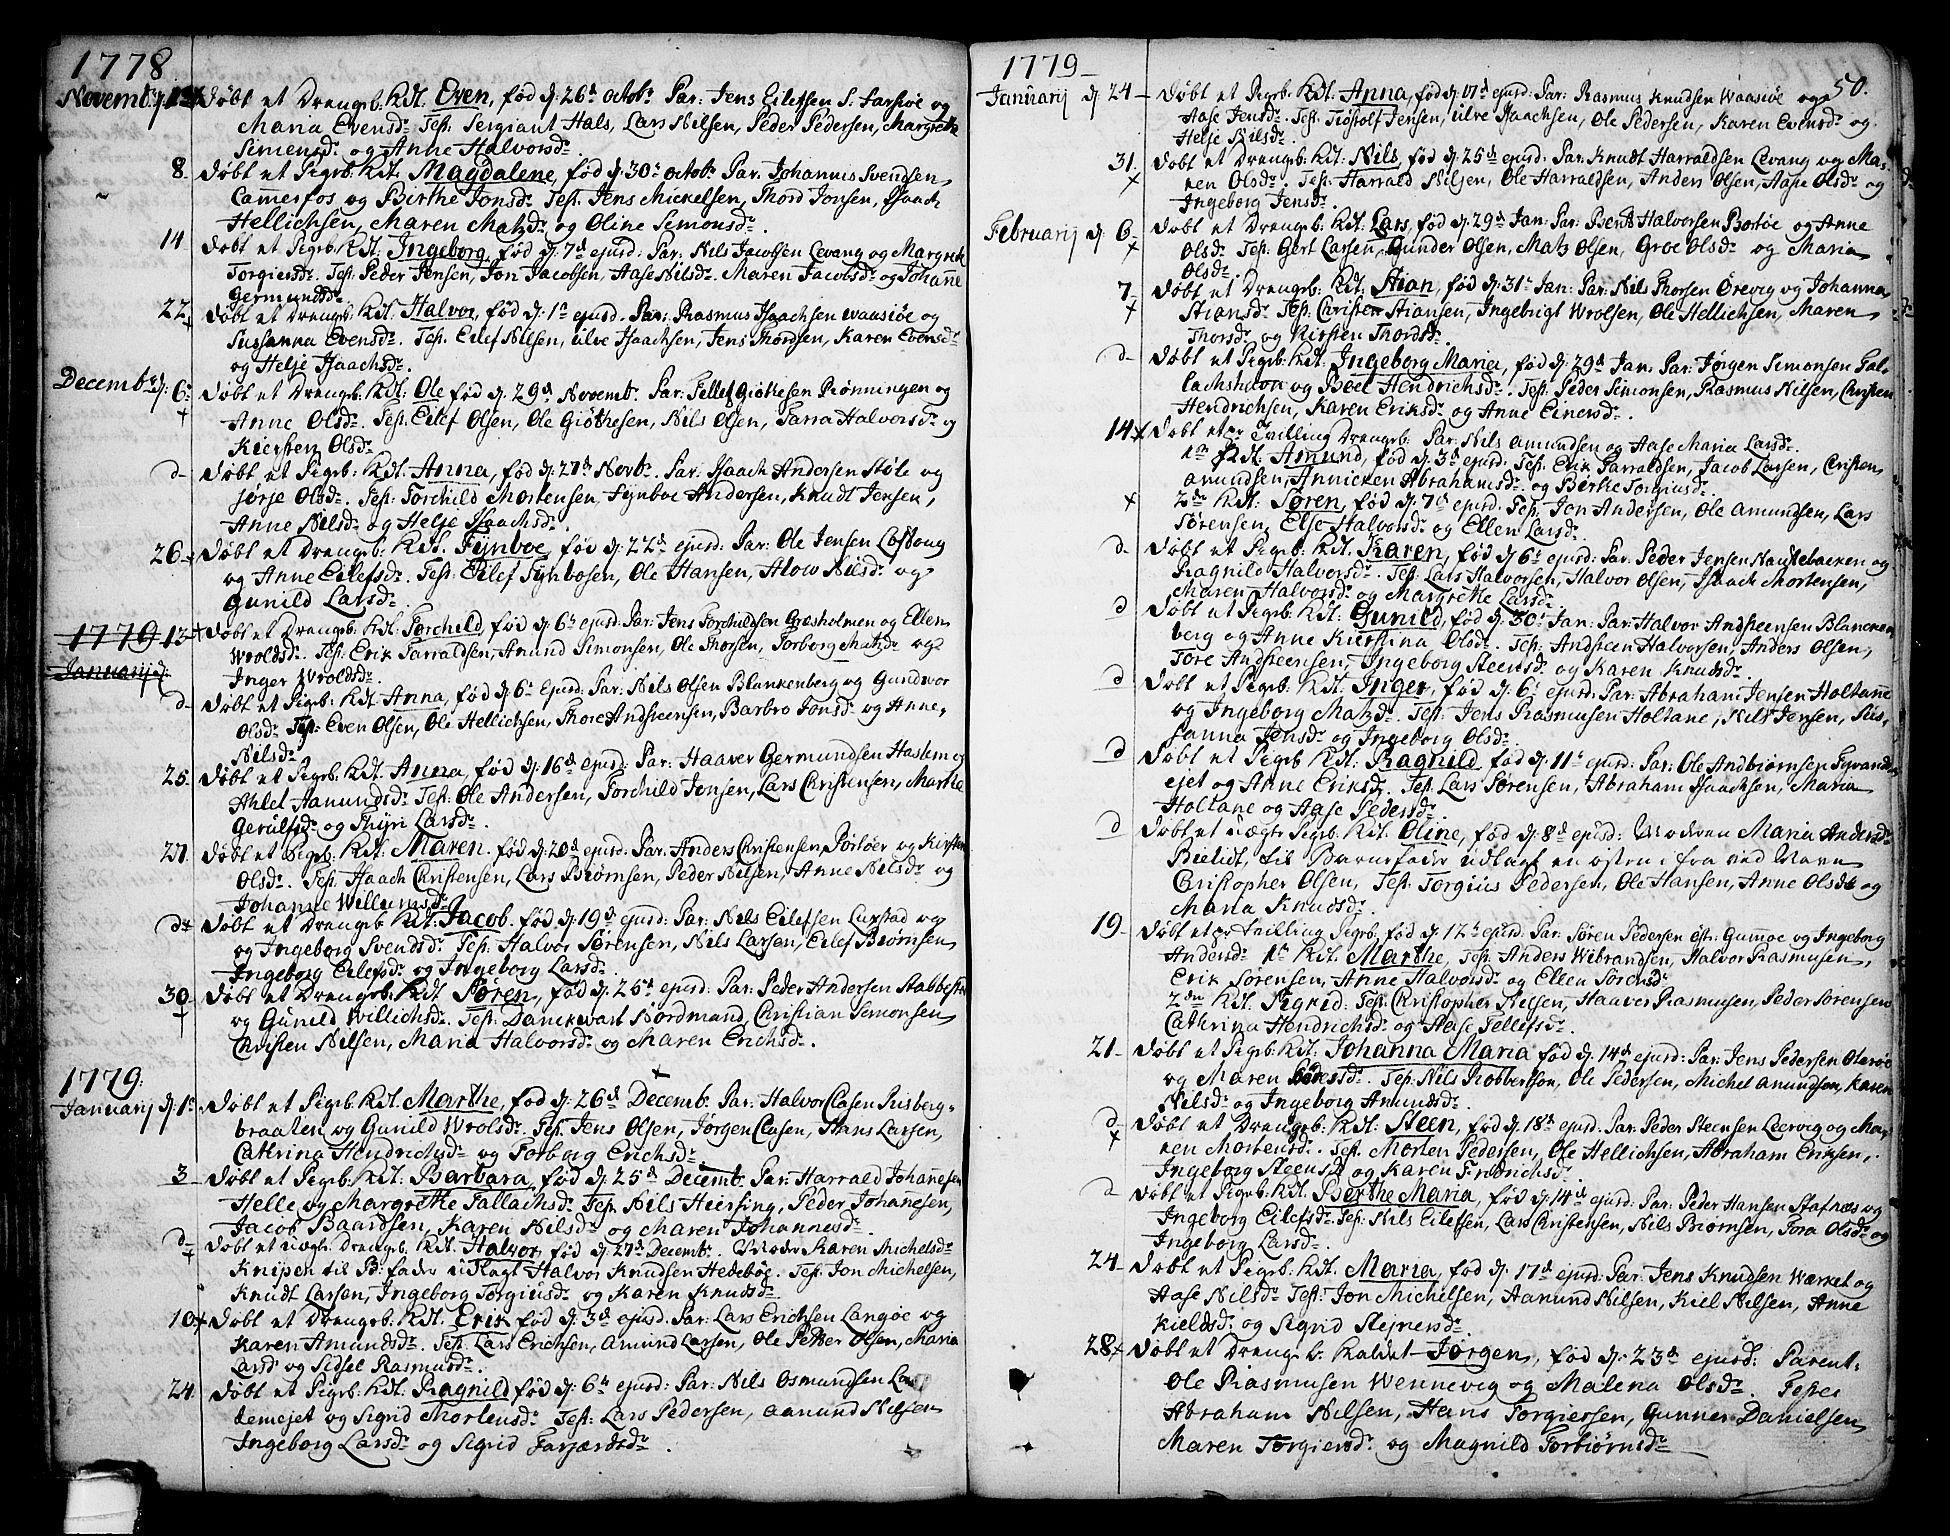 SAKO, Sannidal kirkebøker, F/Fa/L0002: Ministerialbok nr. 2, 1767-1802, s. 50